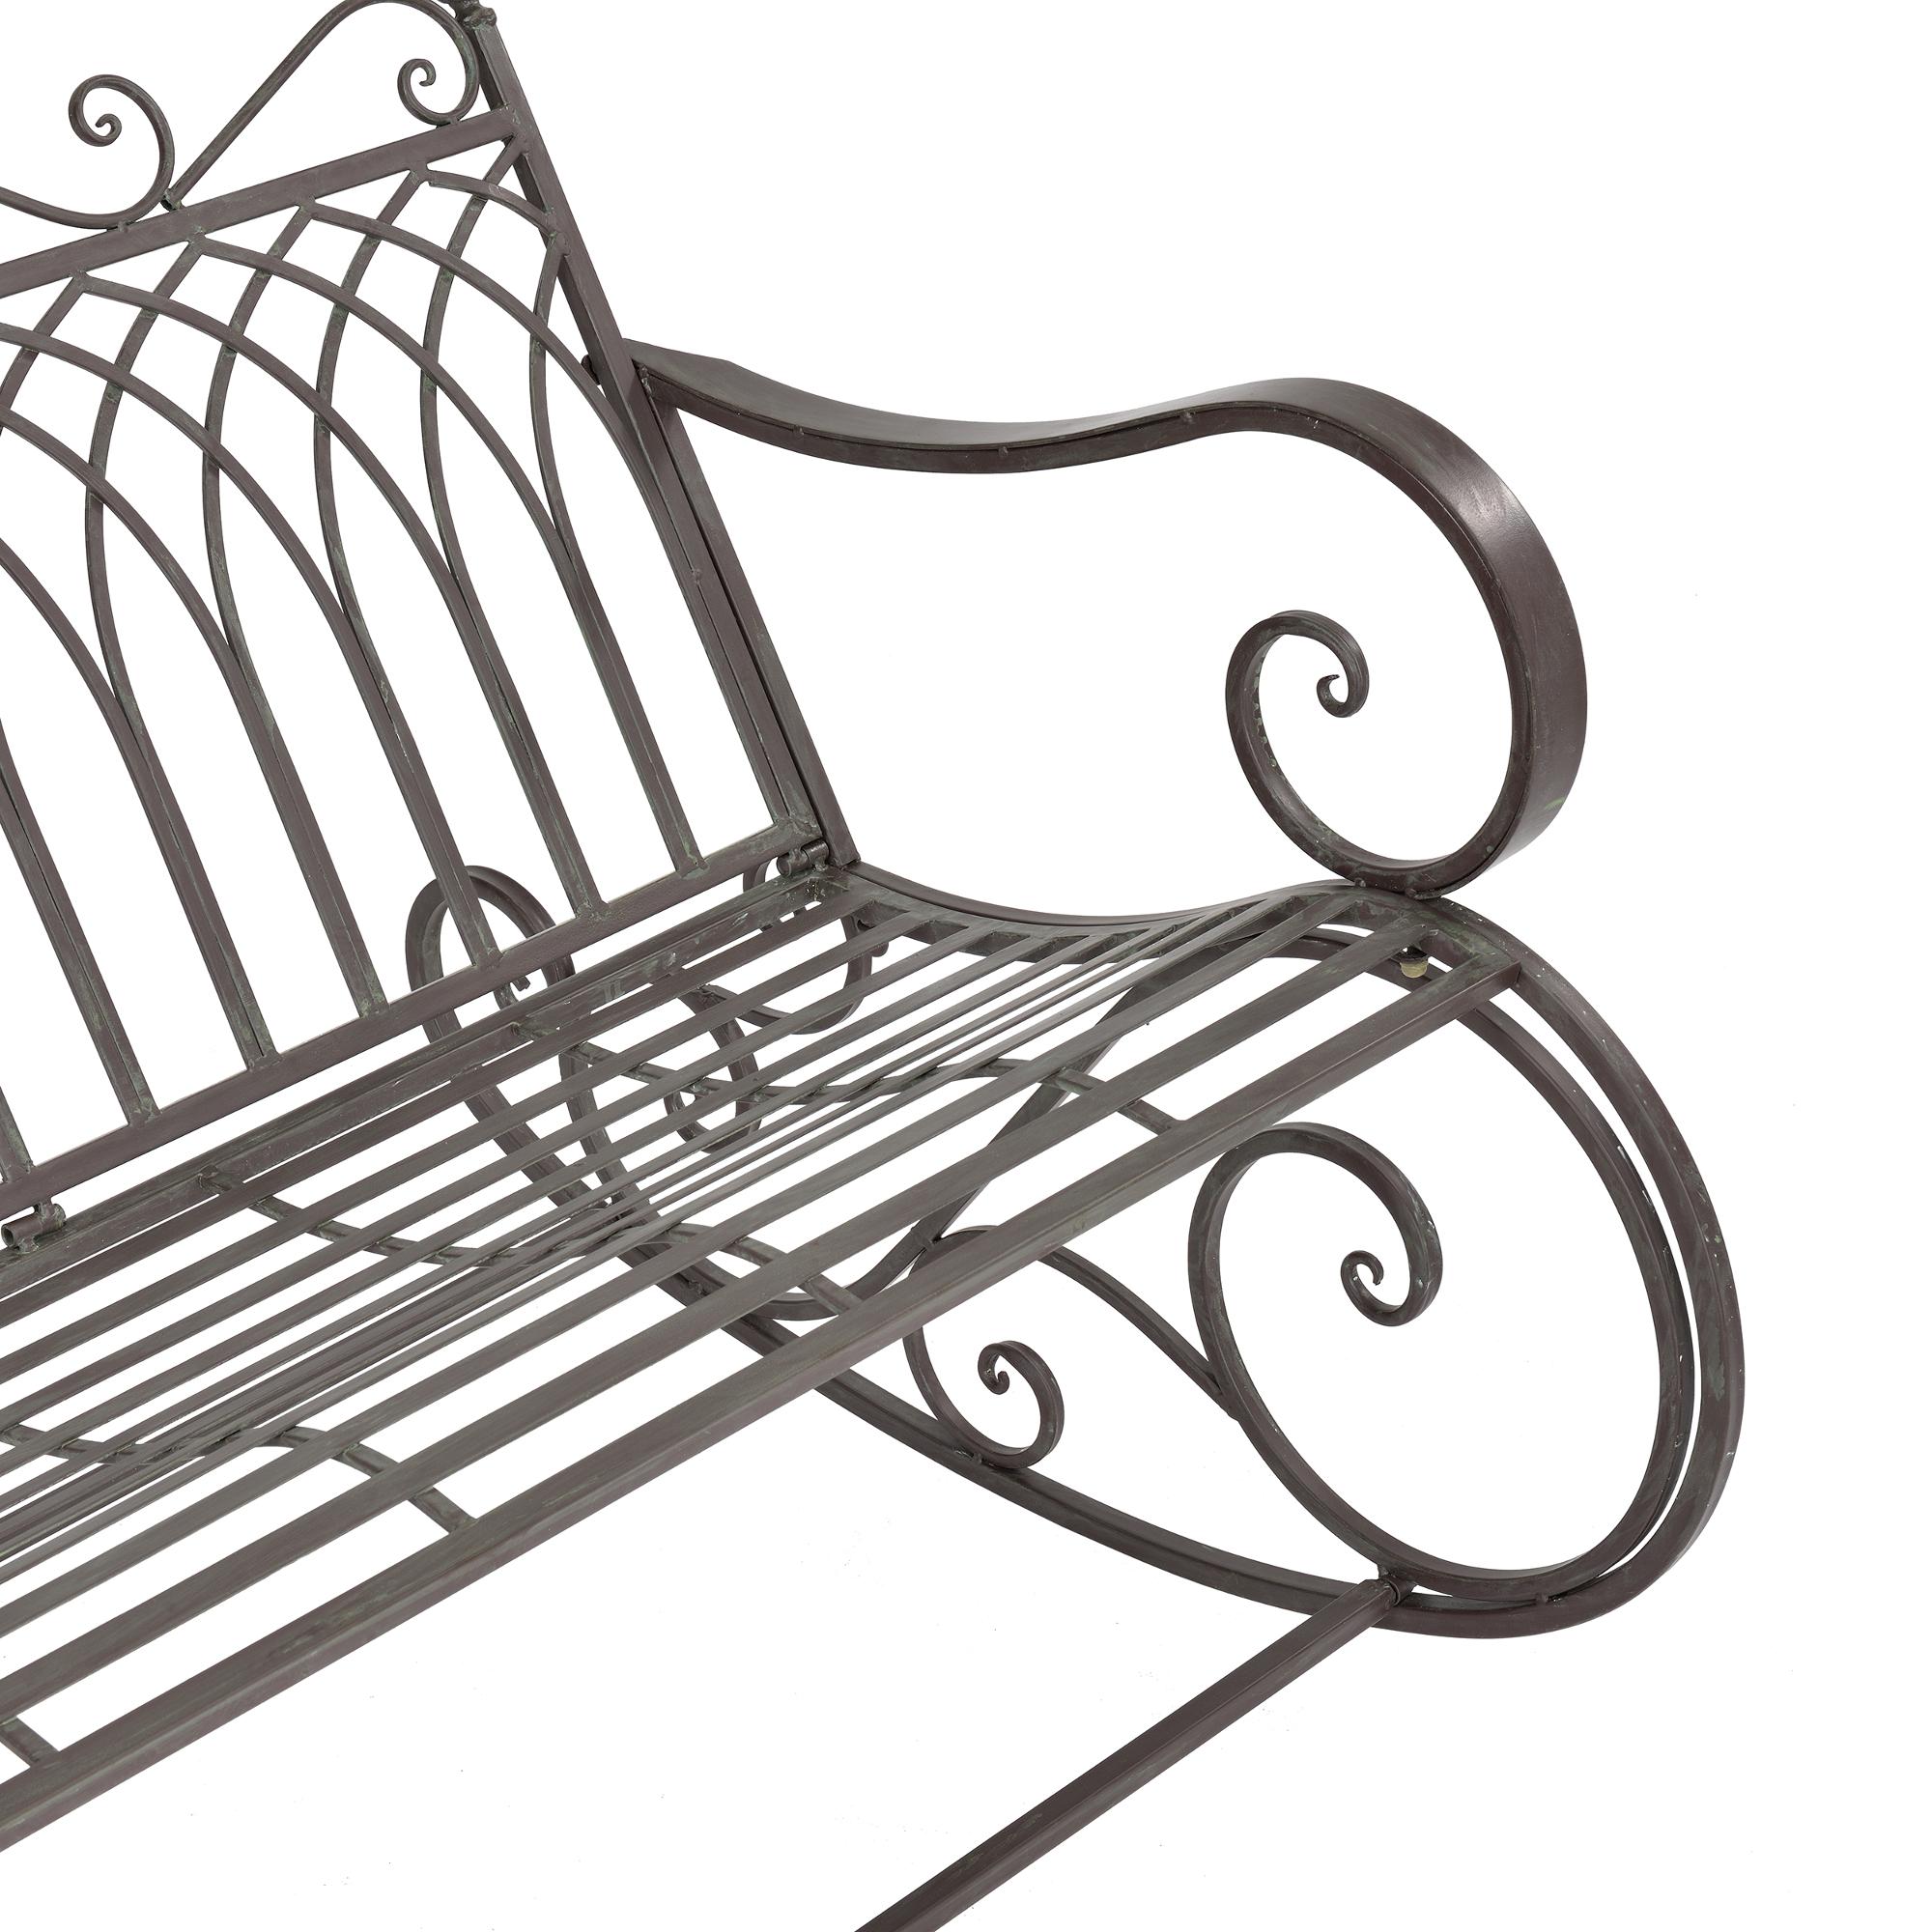 Panchina a dondolo panca da giardino metallo for Panchina a dondolo